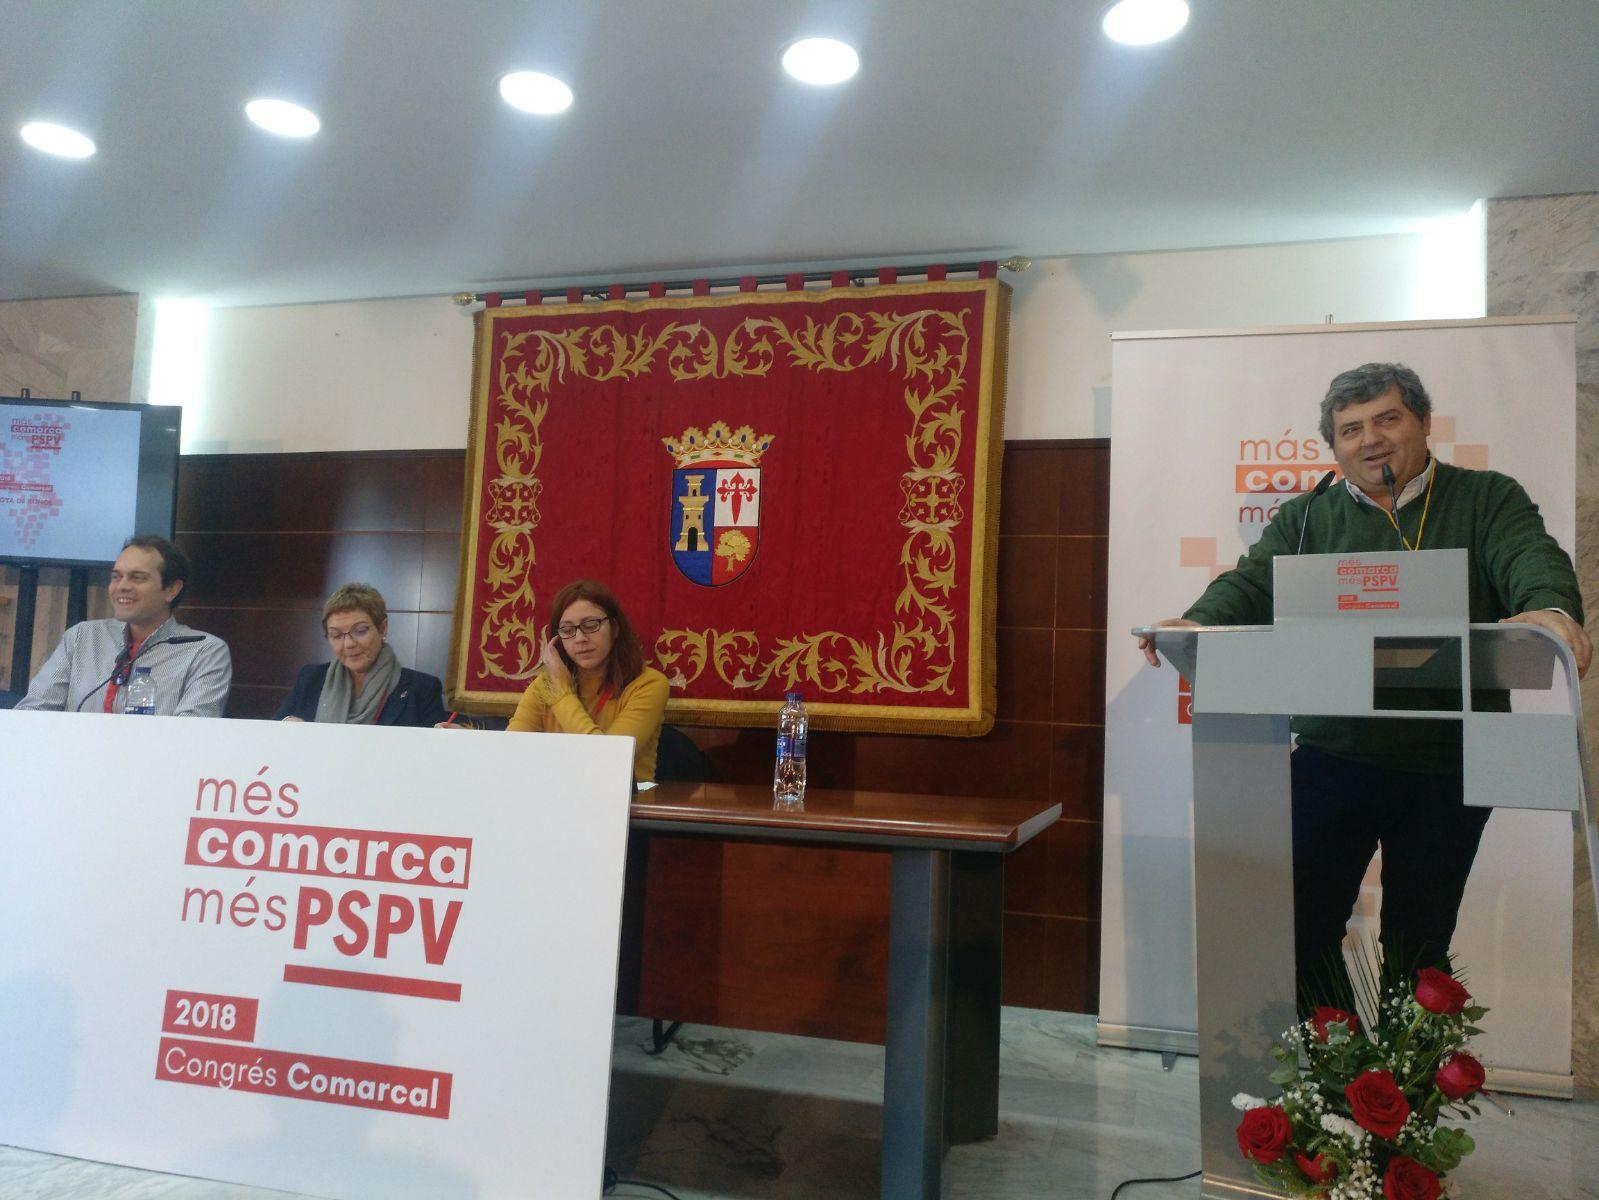 El nuevo Secretario General del PSPV-PSOE en La Hoya, Lucas Ferrando, dirigió unas palabras a los asistentes tras su elección.